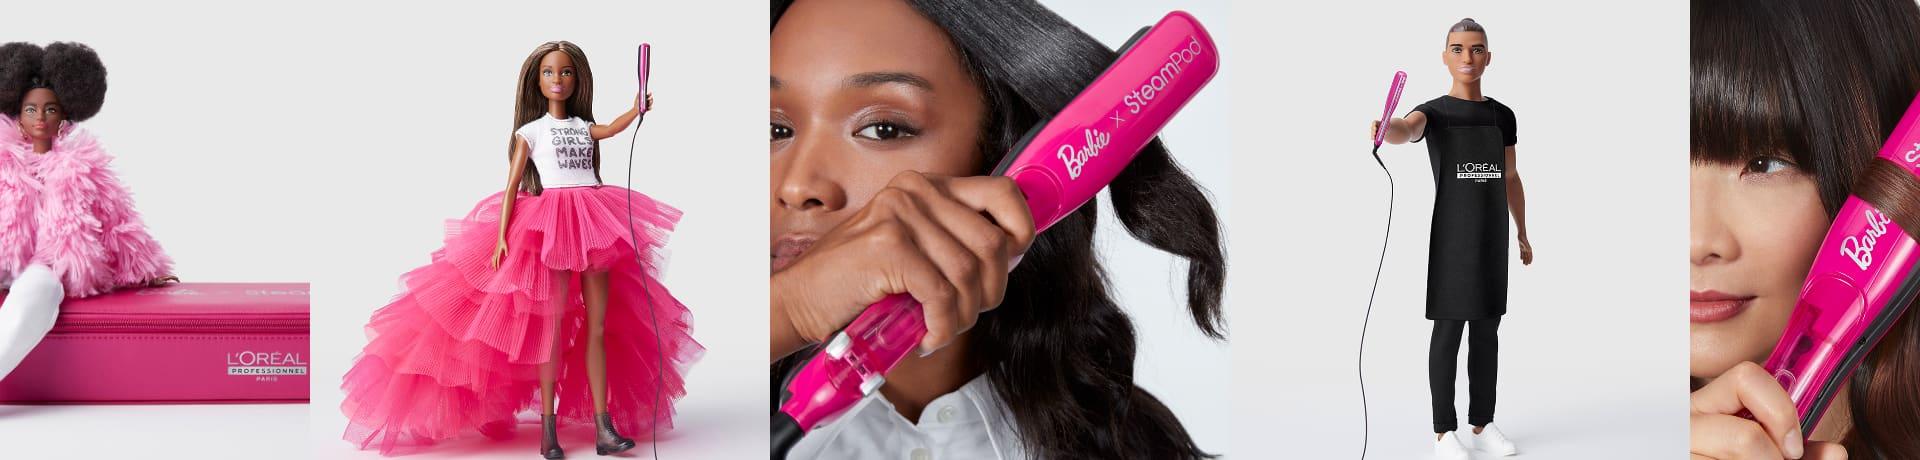 Prancha a vapor Barbie x Steampod de L'Oréal Professionnel